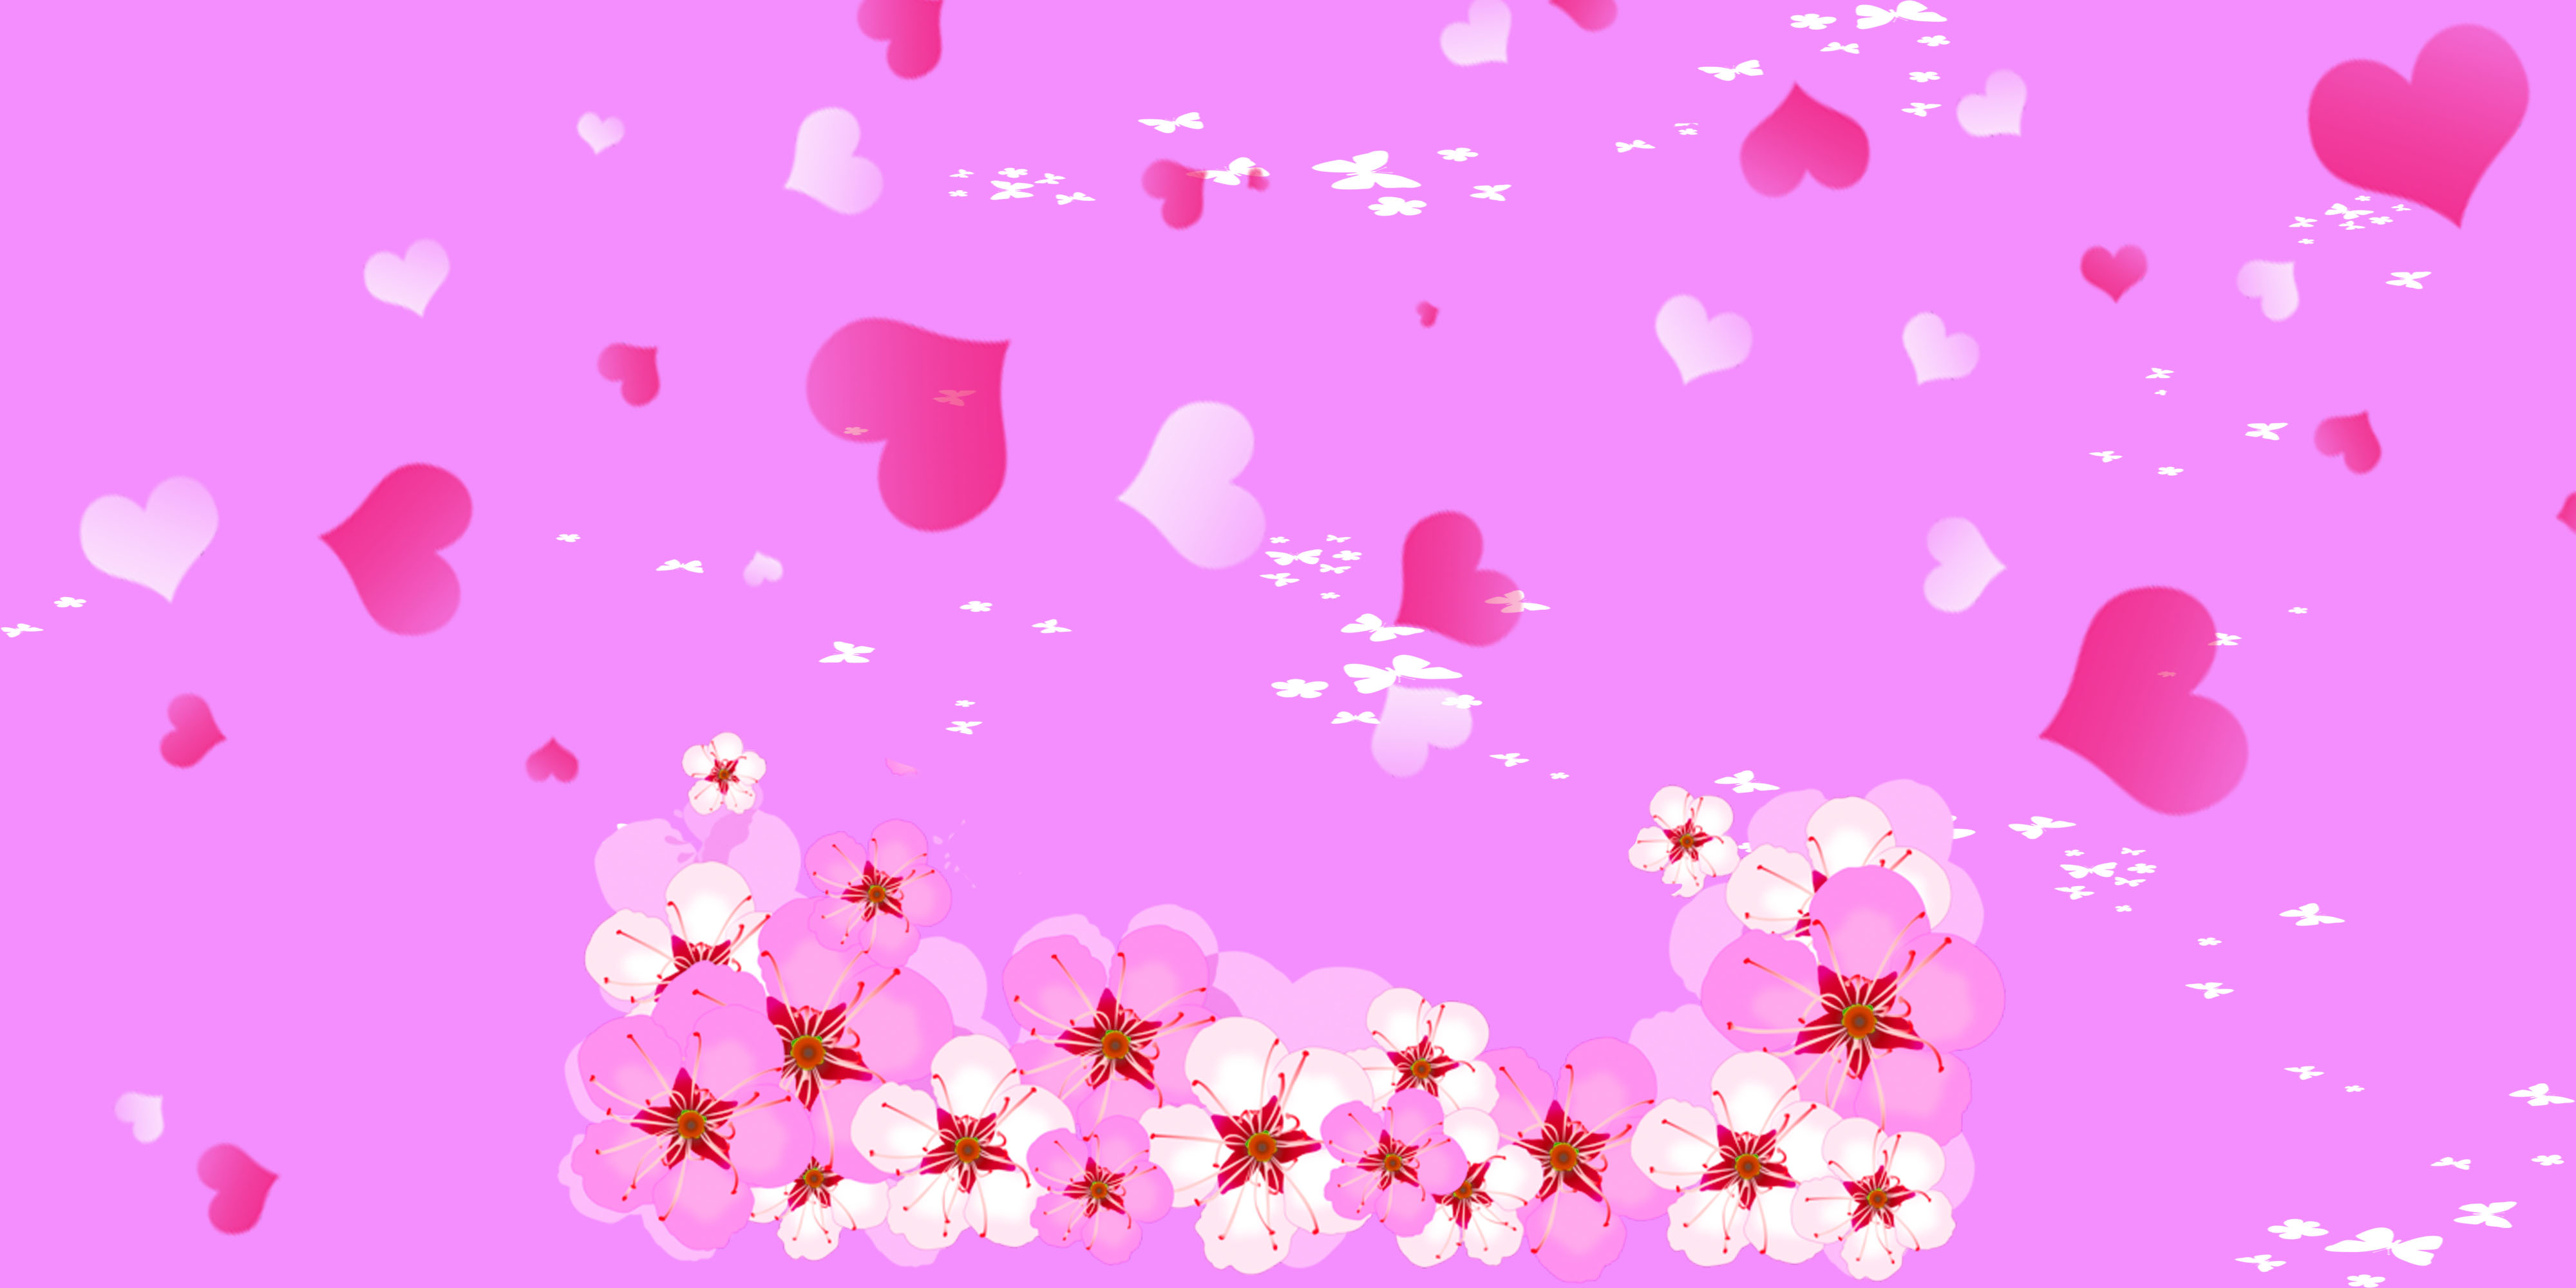 dise u00f1o de fondo de arte de la tarjeta de la princesa pink